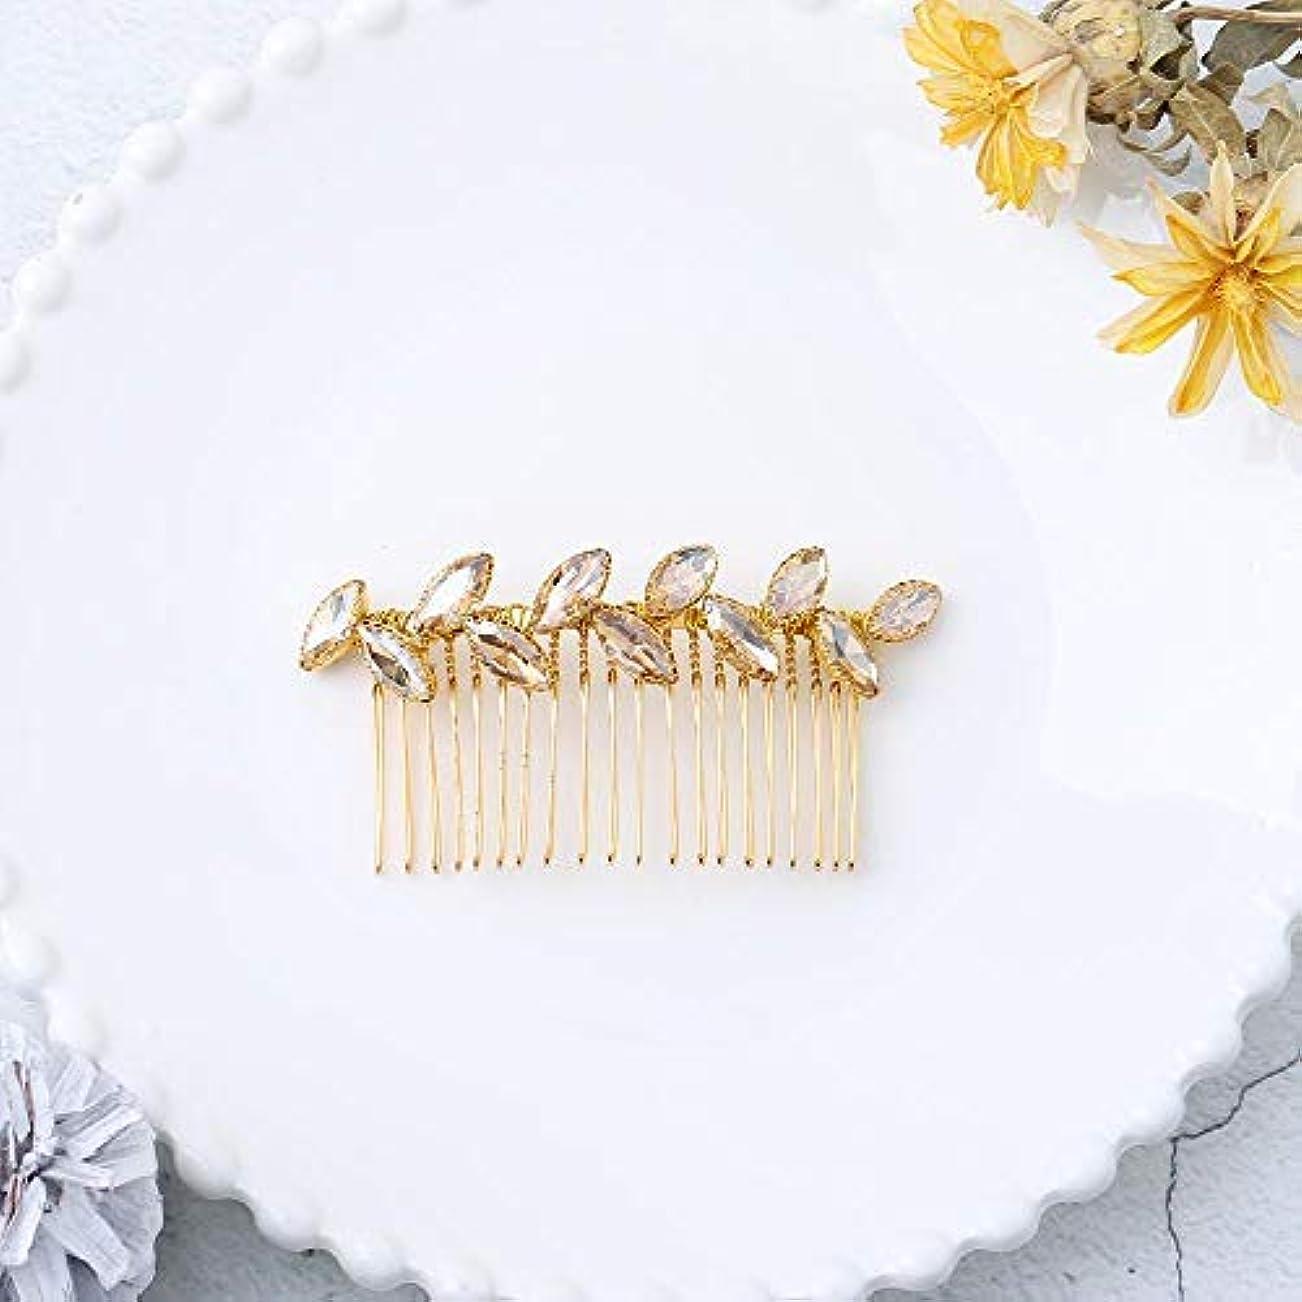 説得微妙融合Jovono Bride Wedding Hair Comb Bridal Headpieces with Champagne Rhinestone for Women and Girls (Gold) [並行輸入品]